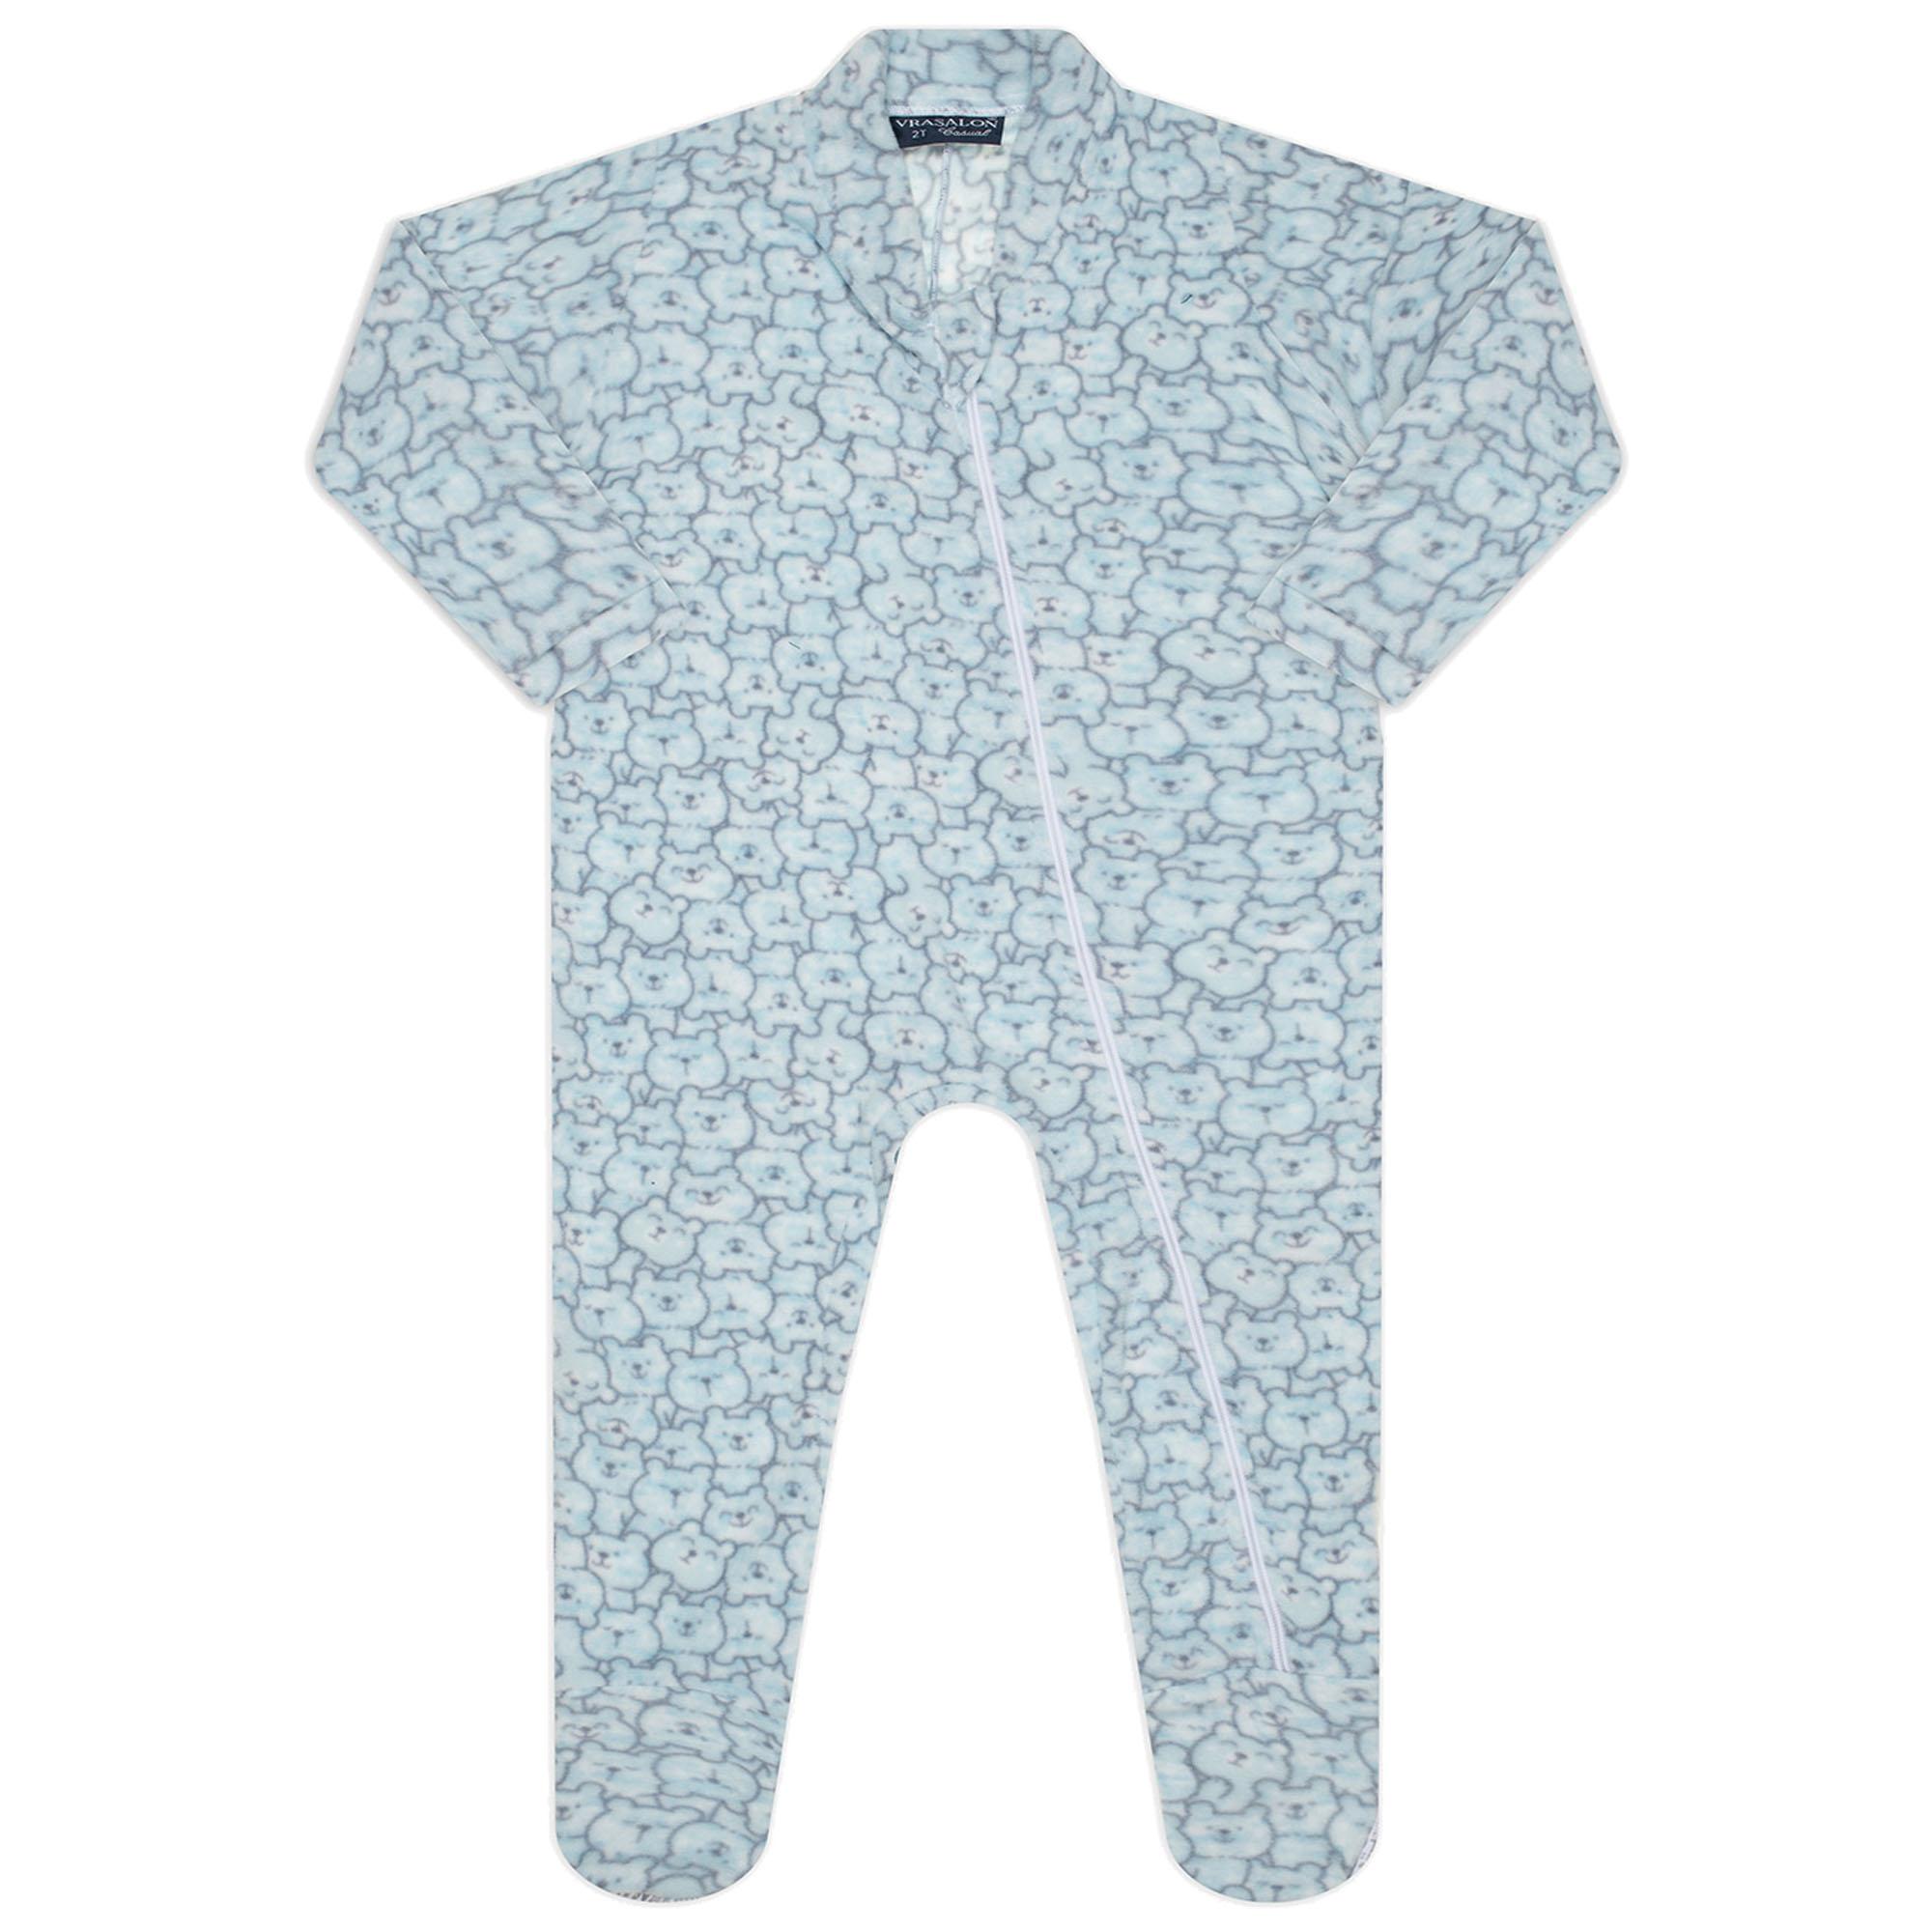 Macacão Pijama Inverno Vrasalon Soft Ursinhos - 01 ao 03